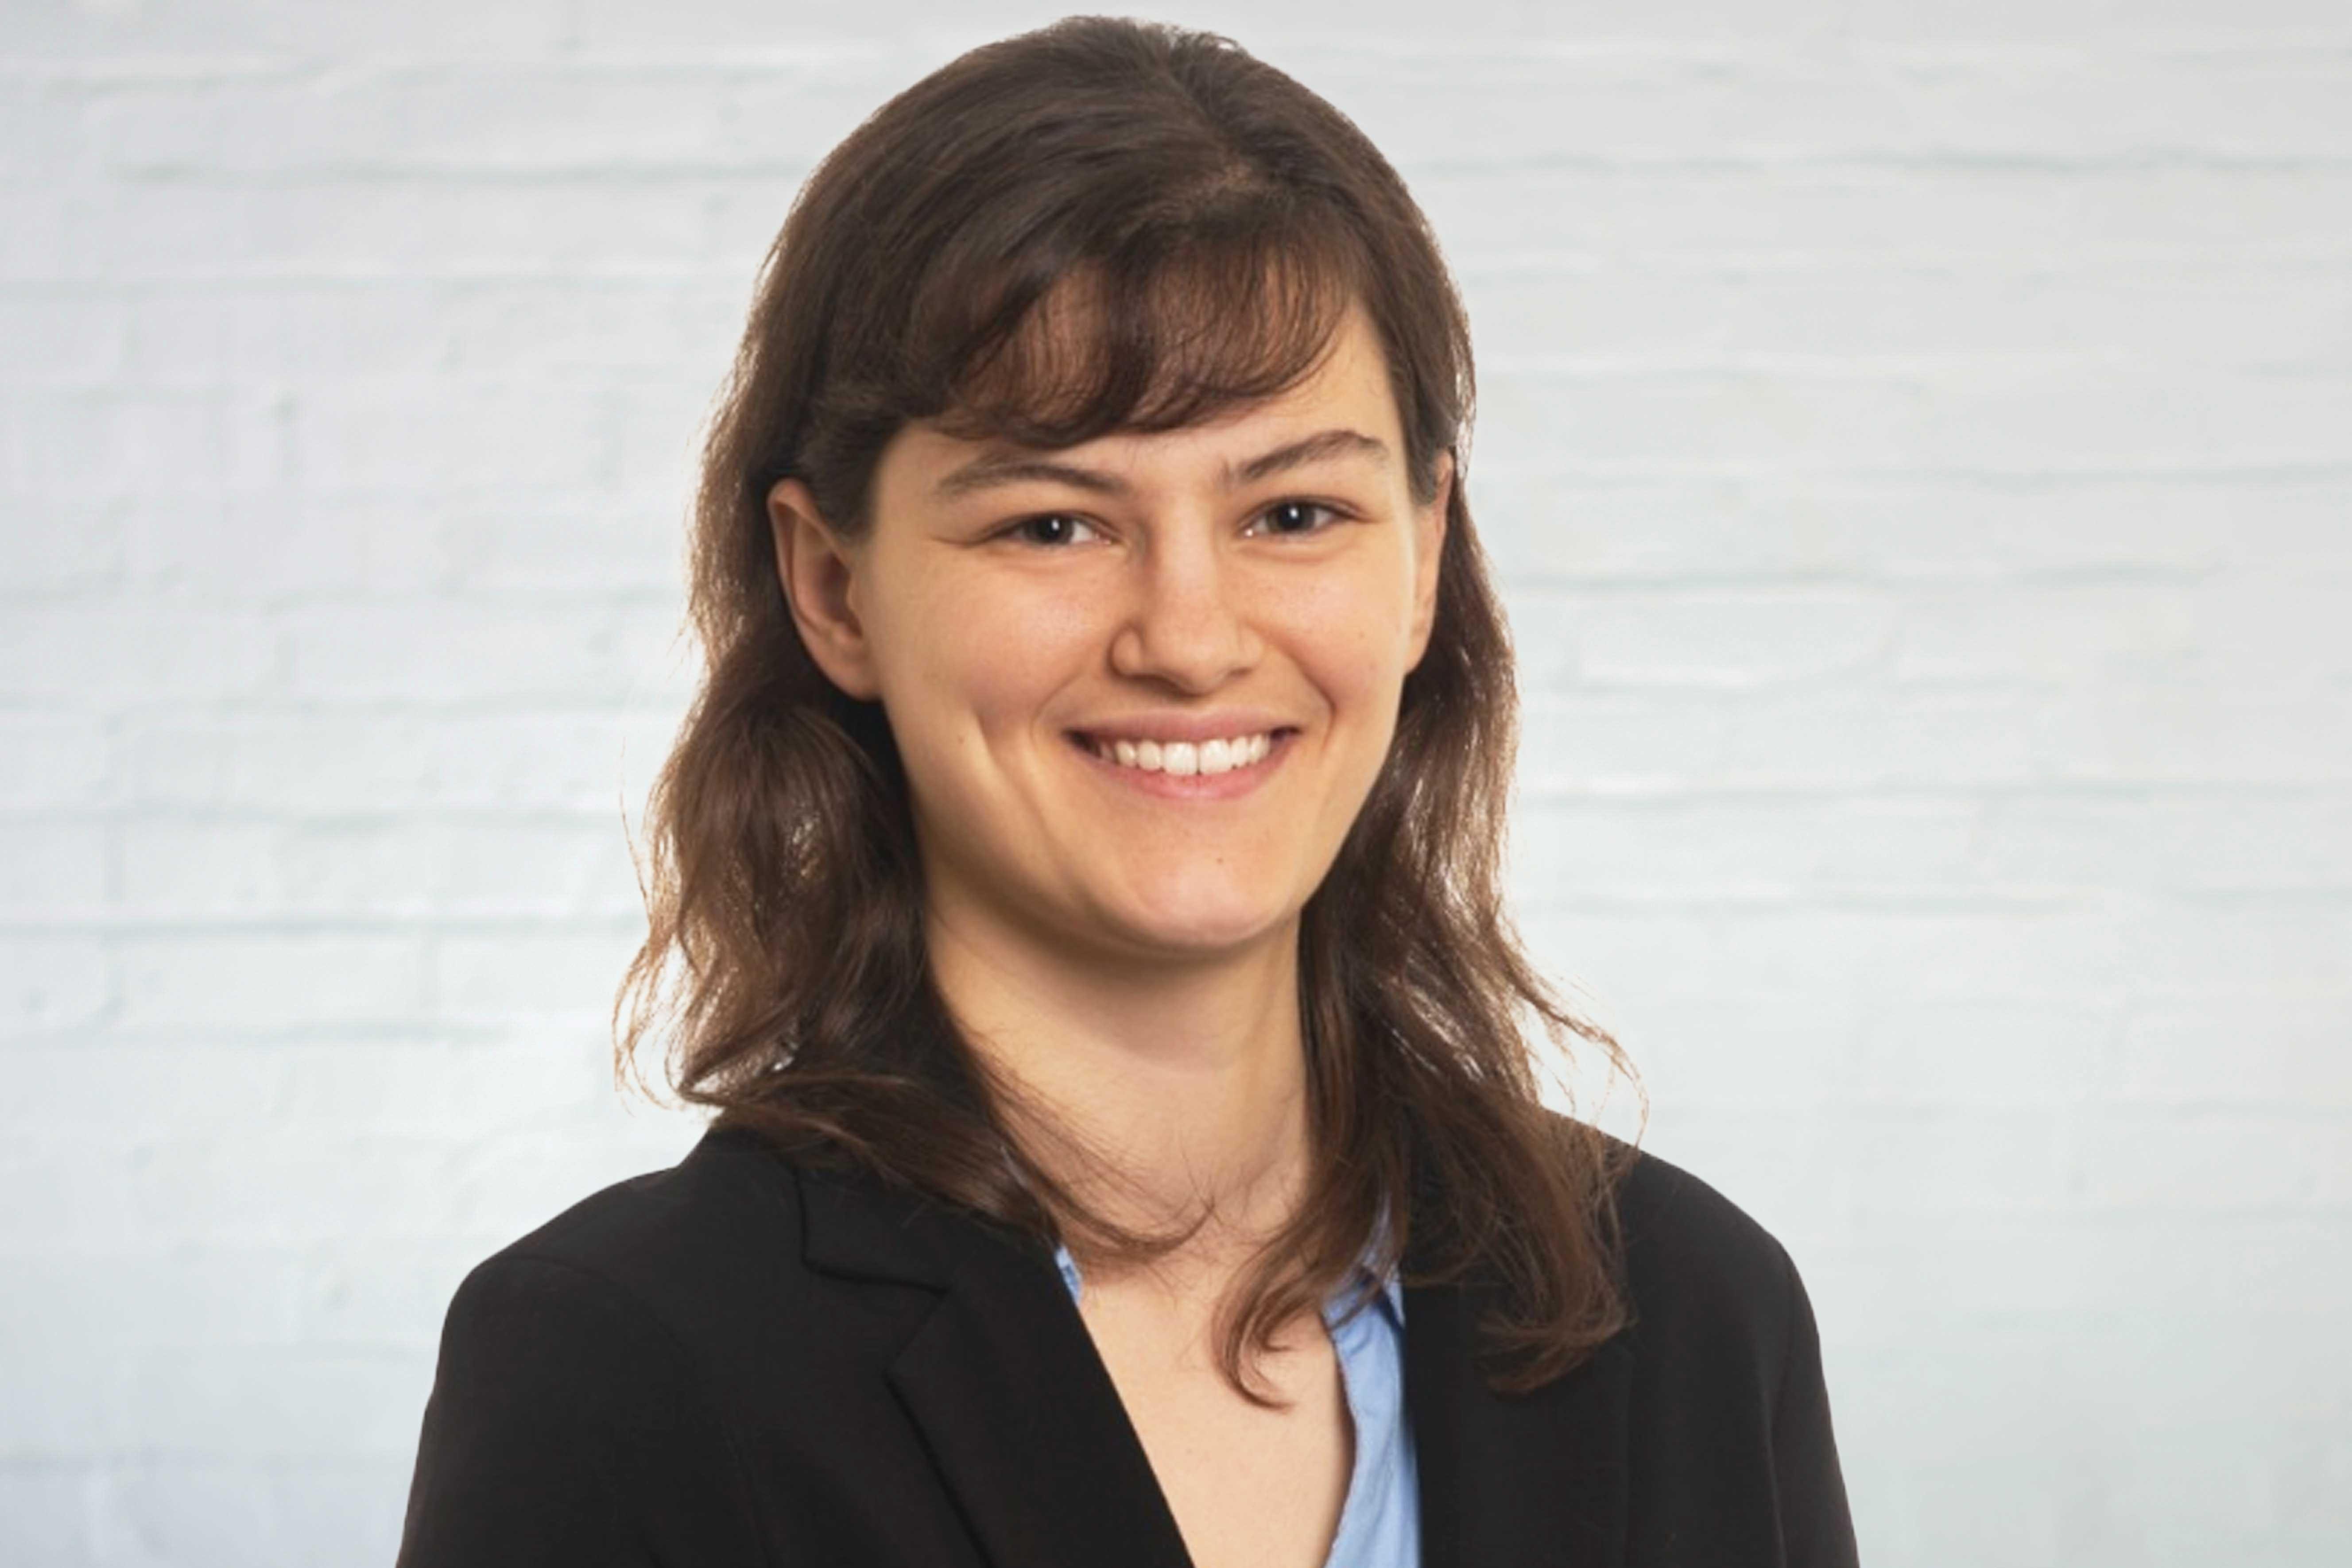 Elizabeth Gieske